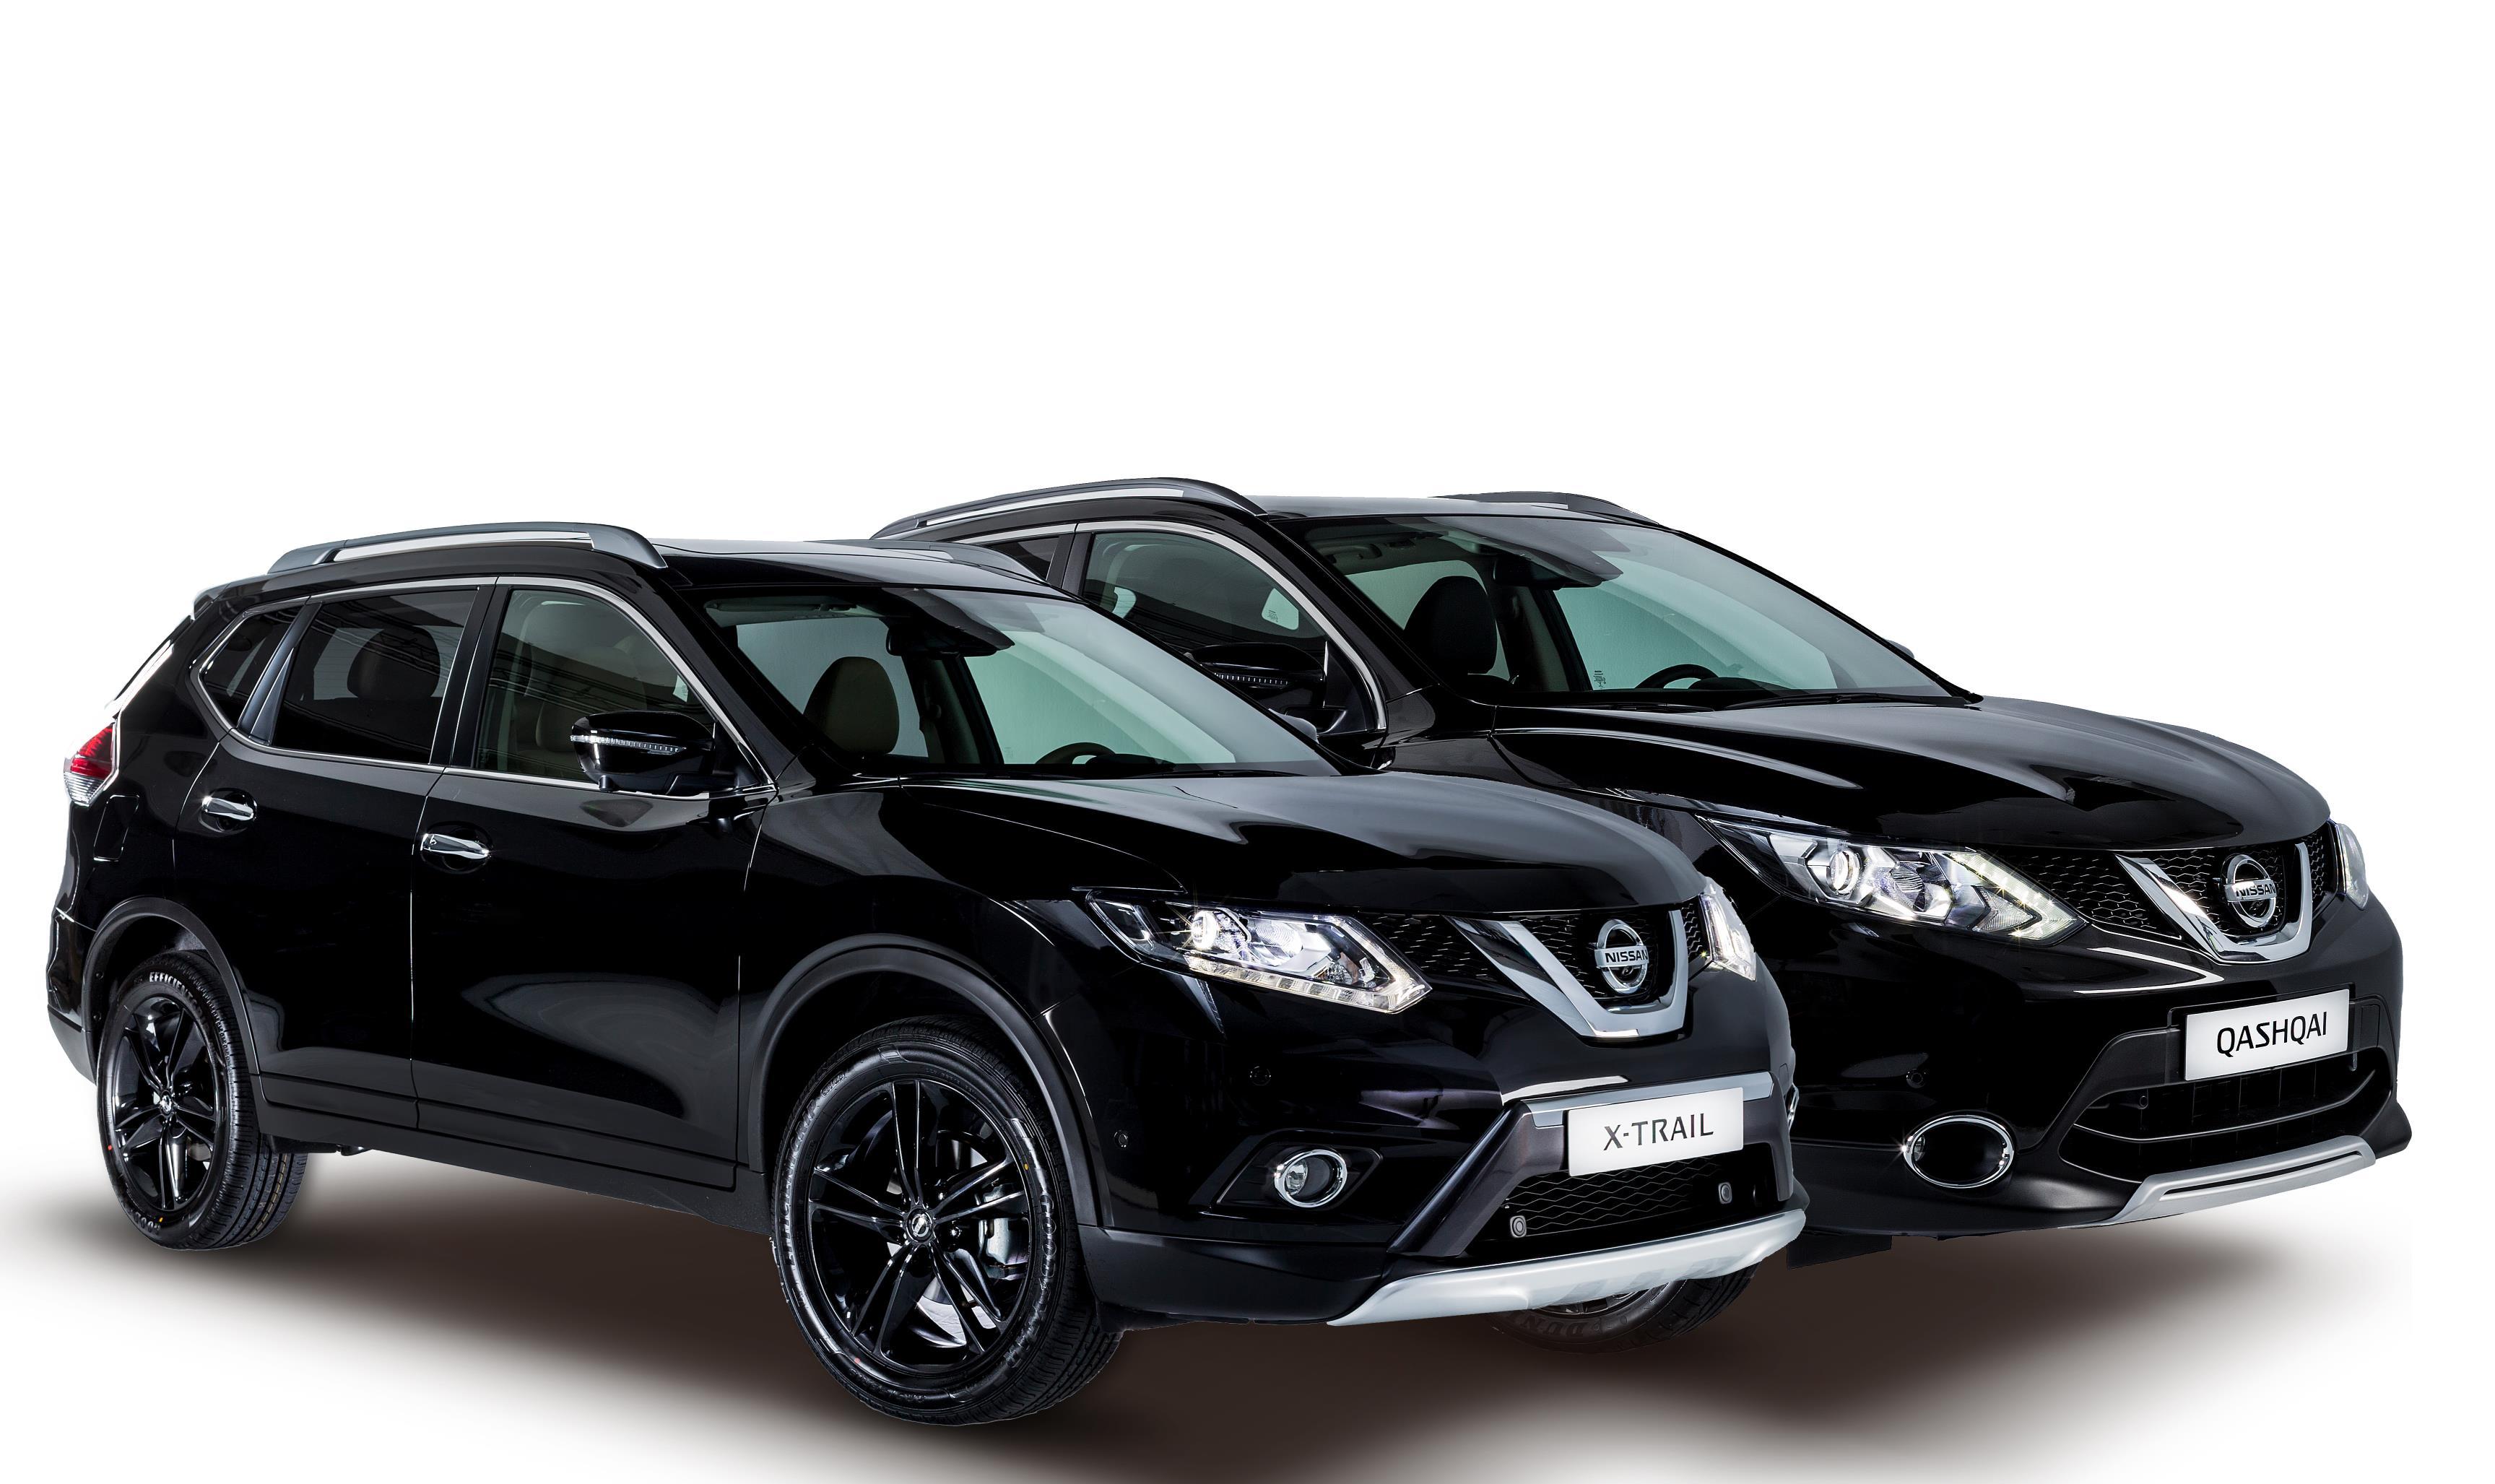 Nissan Qashqai y X-Trail Black Edition. ¿Todo al negro?